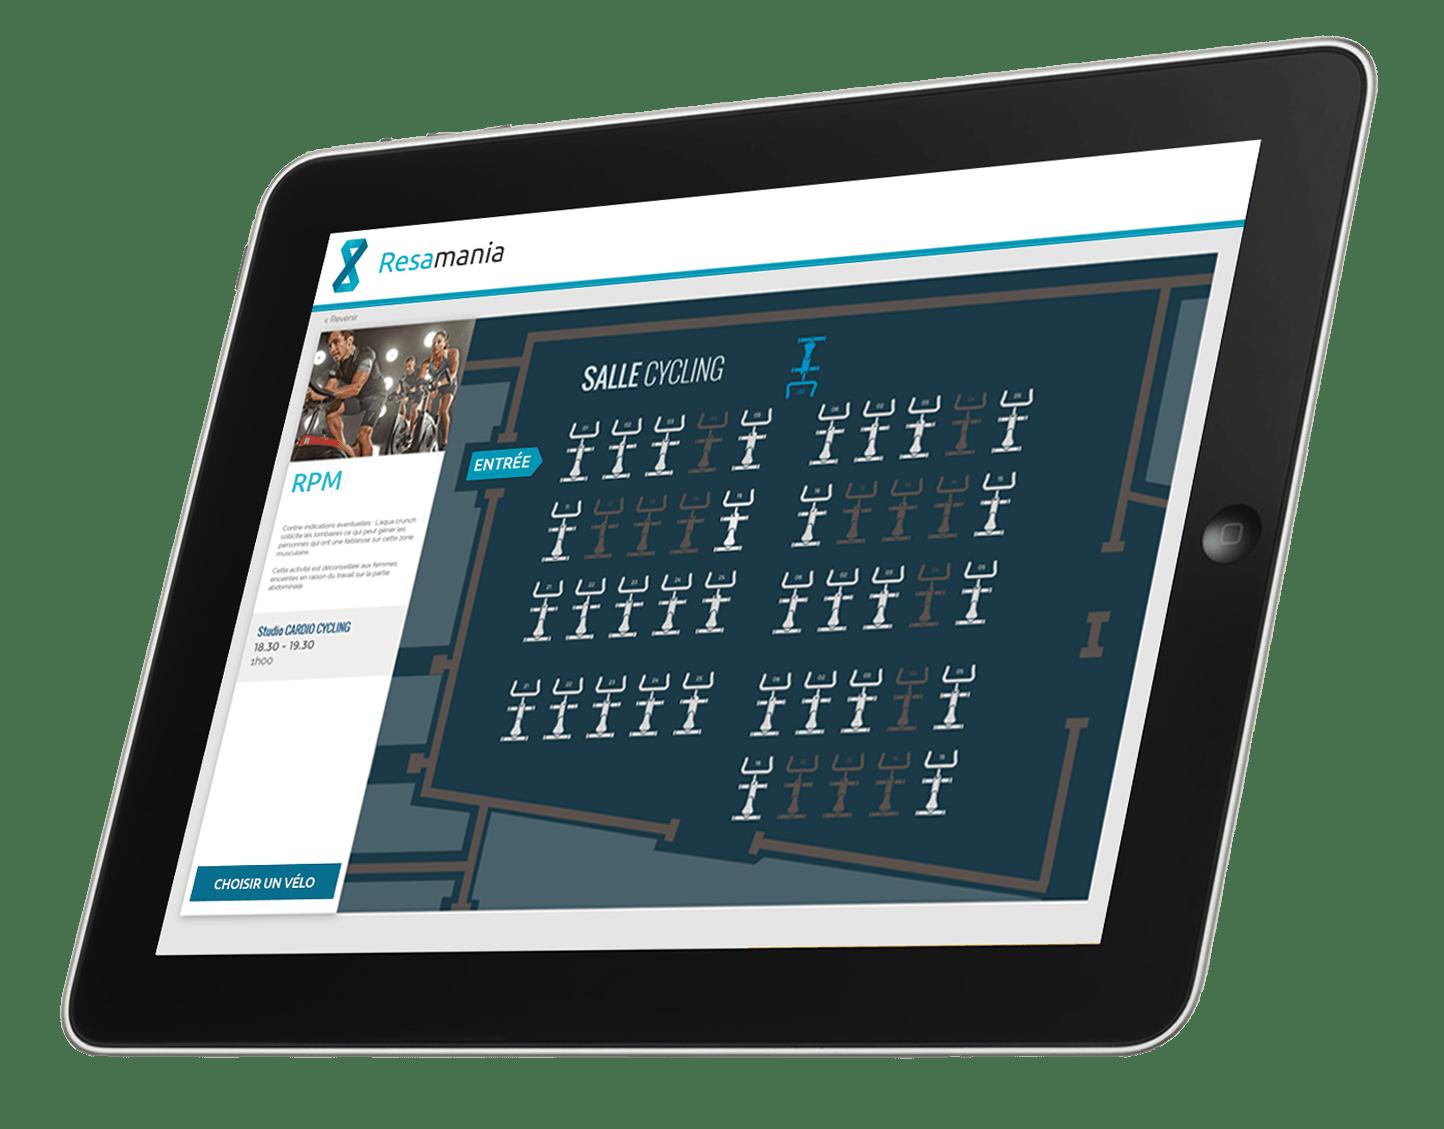 réservation biking logiciel gestion salle fitness  – tablette